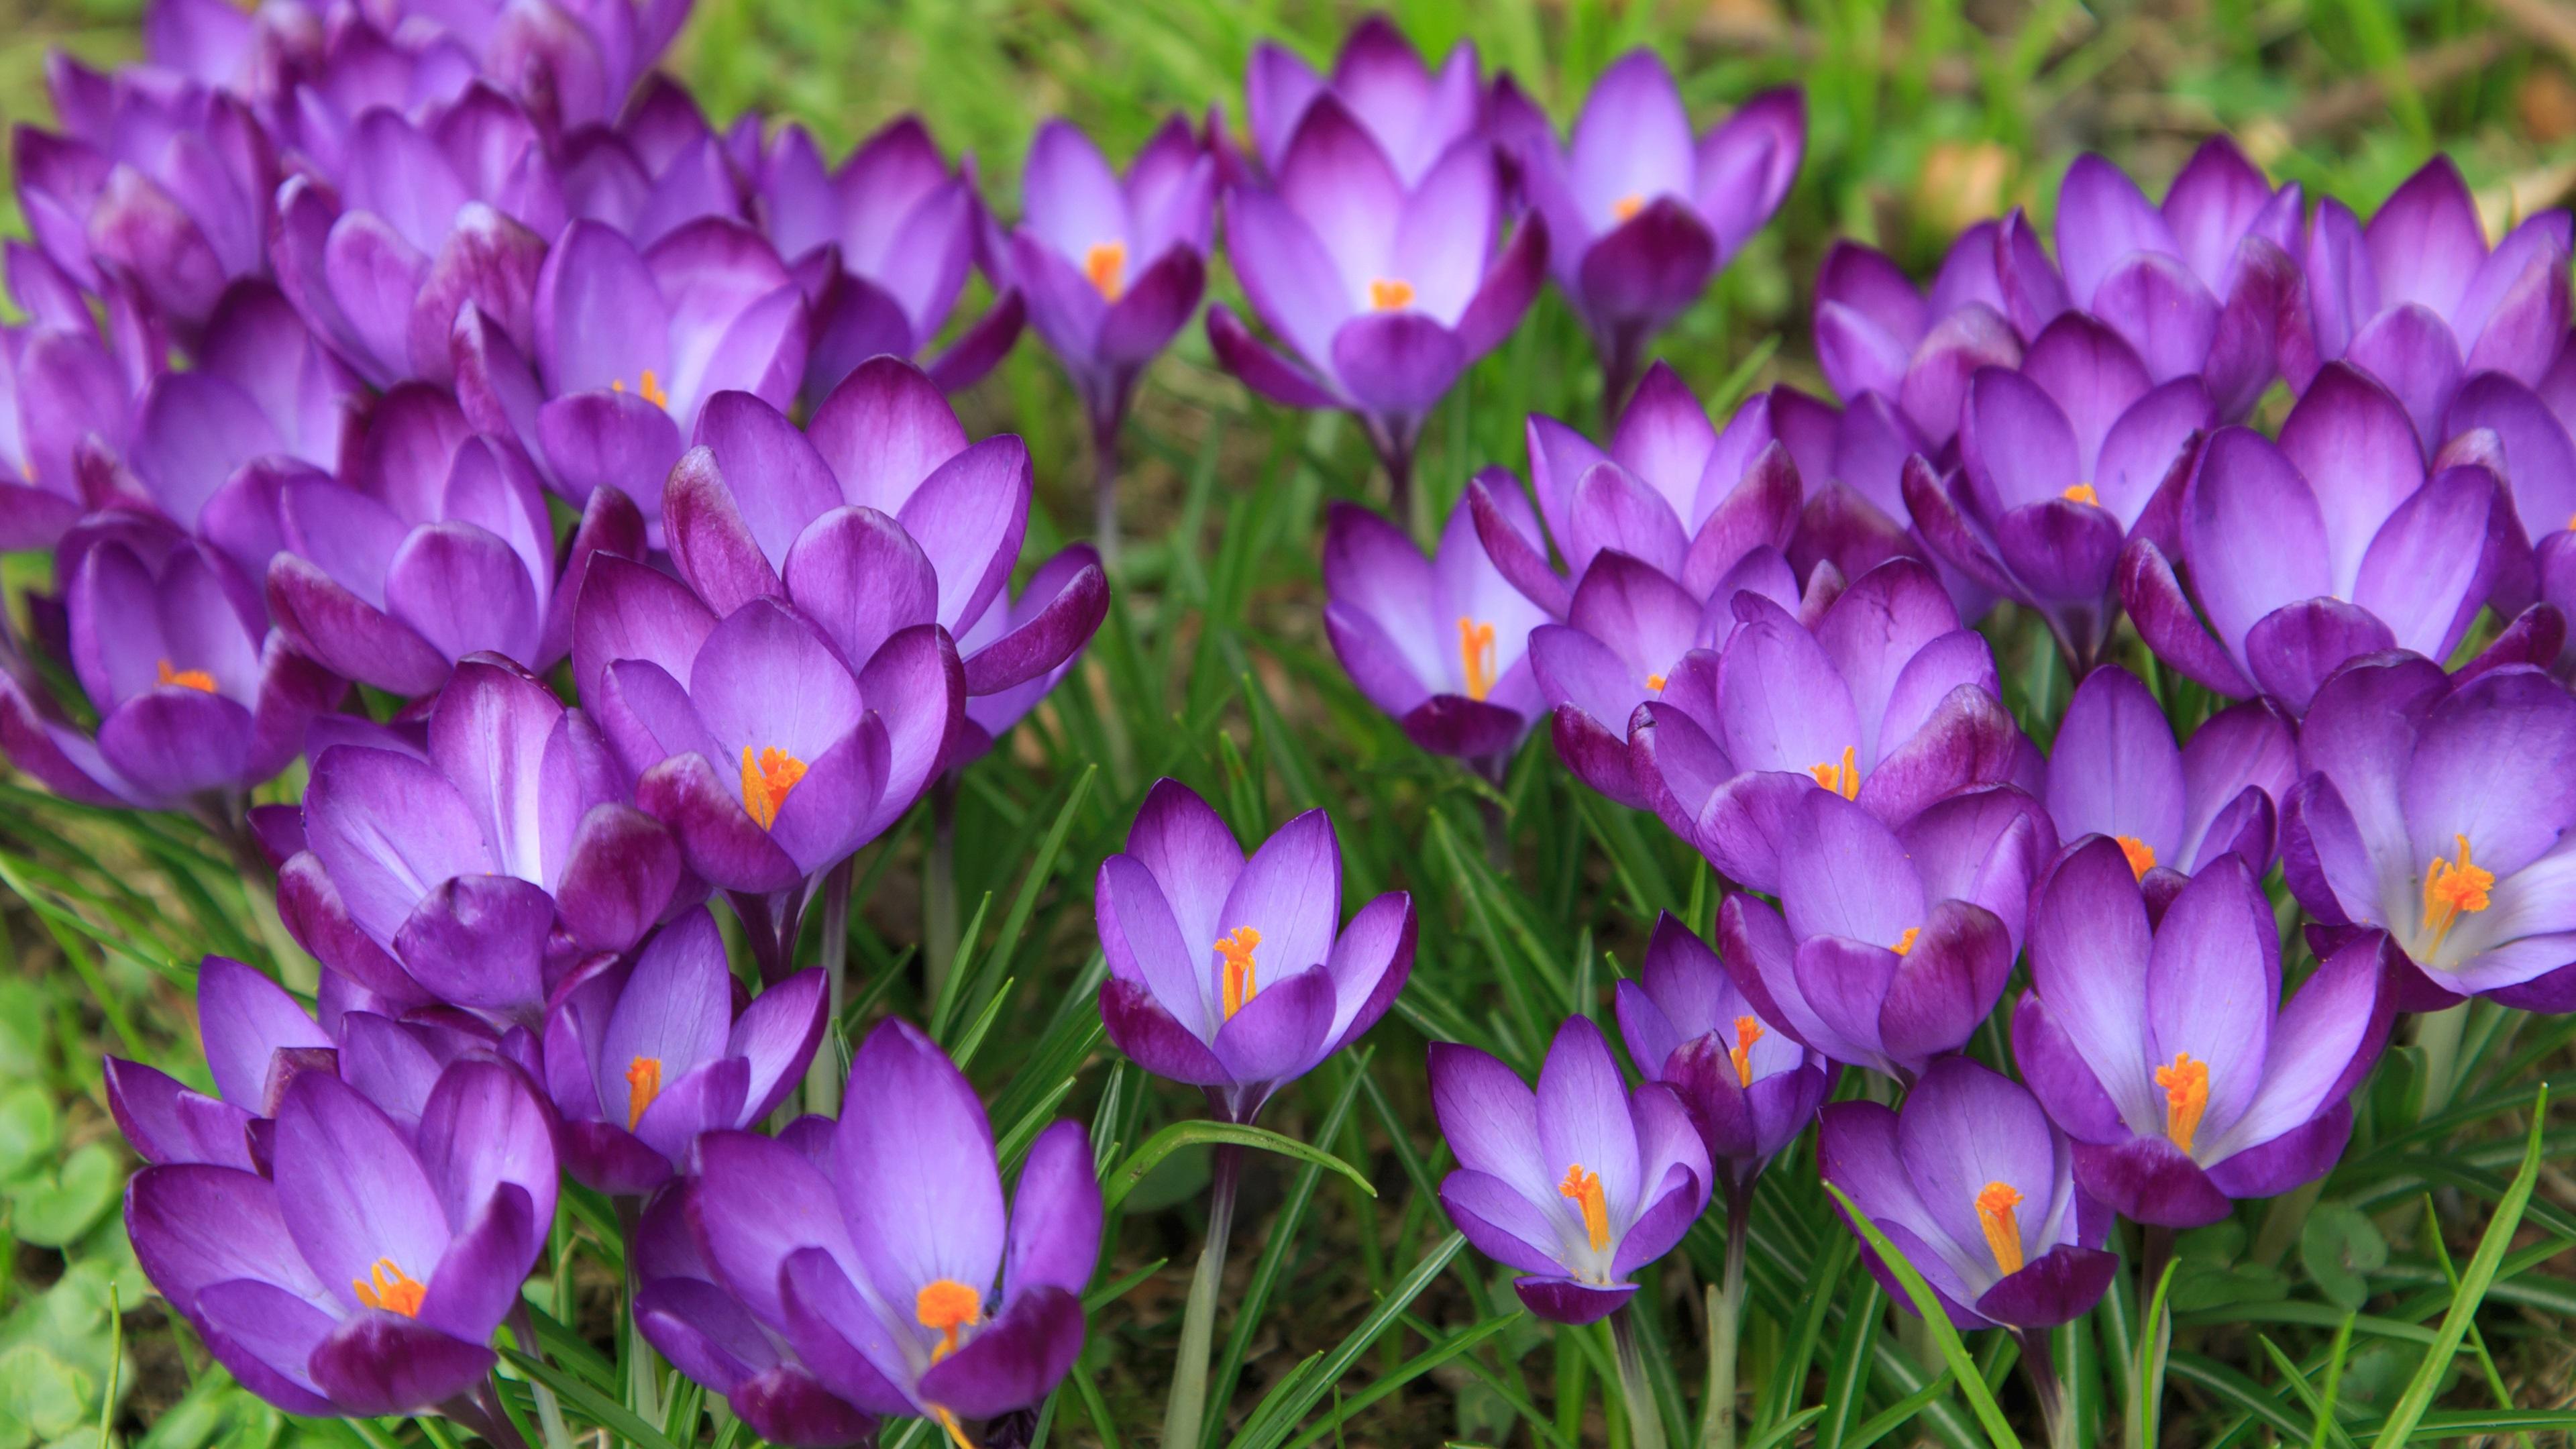 Wallpaper Crocuses Flowering Spring Purple Flowers 3840x2160 Uhd